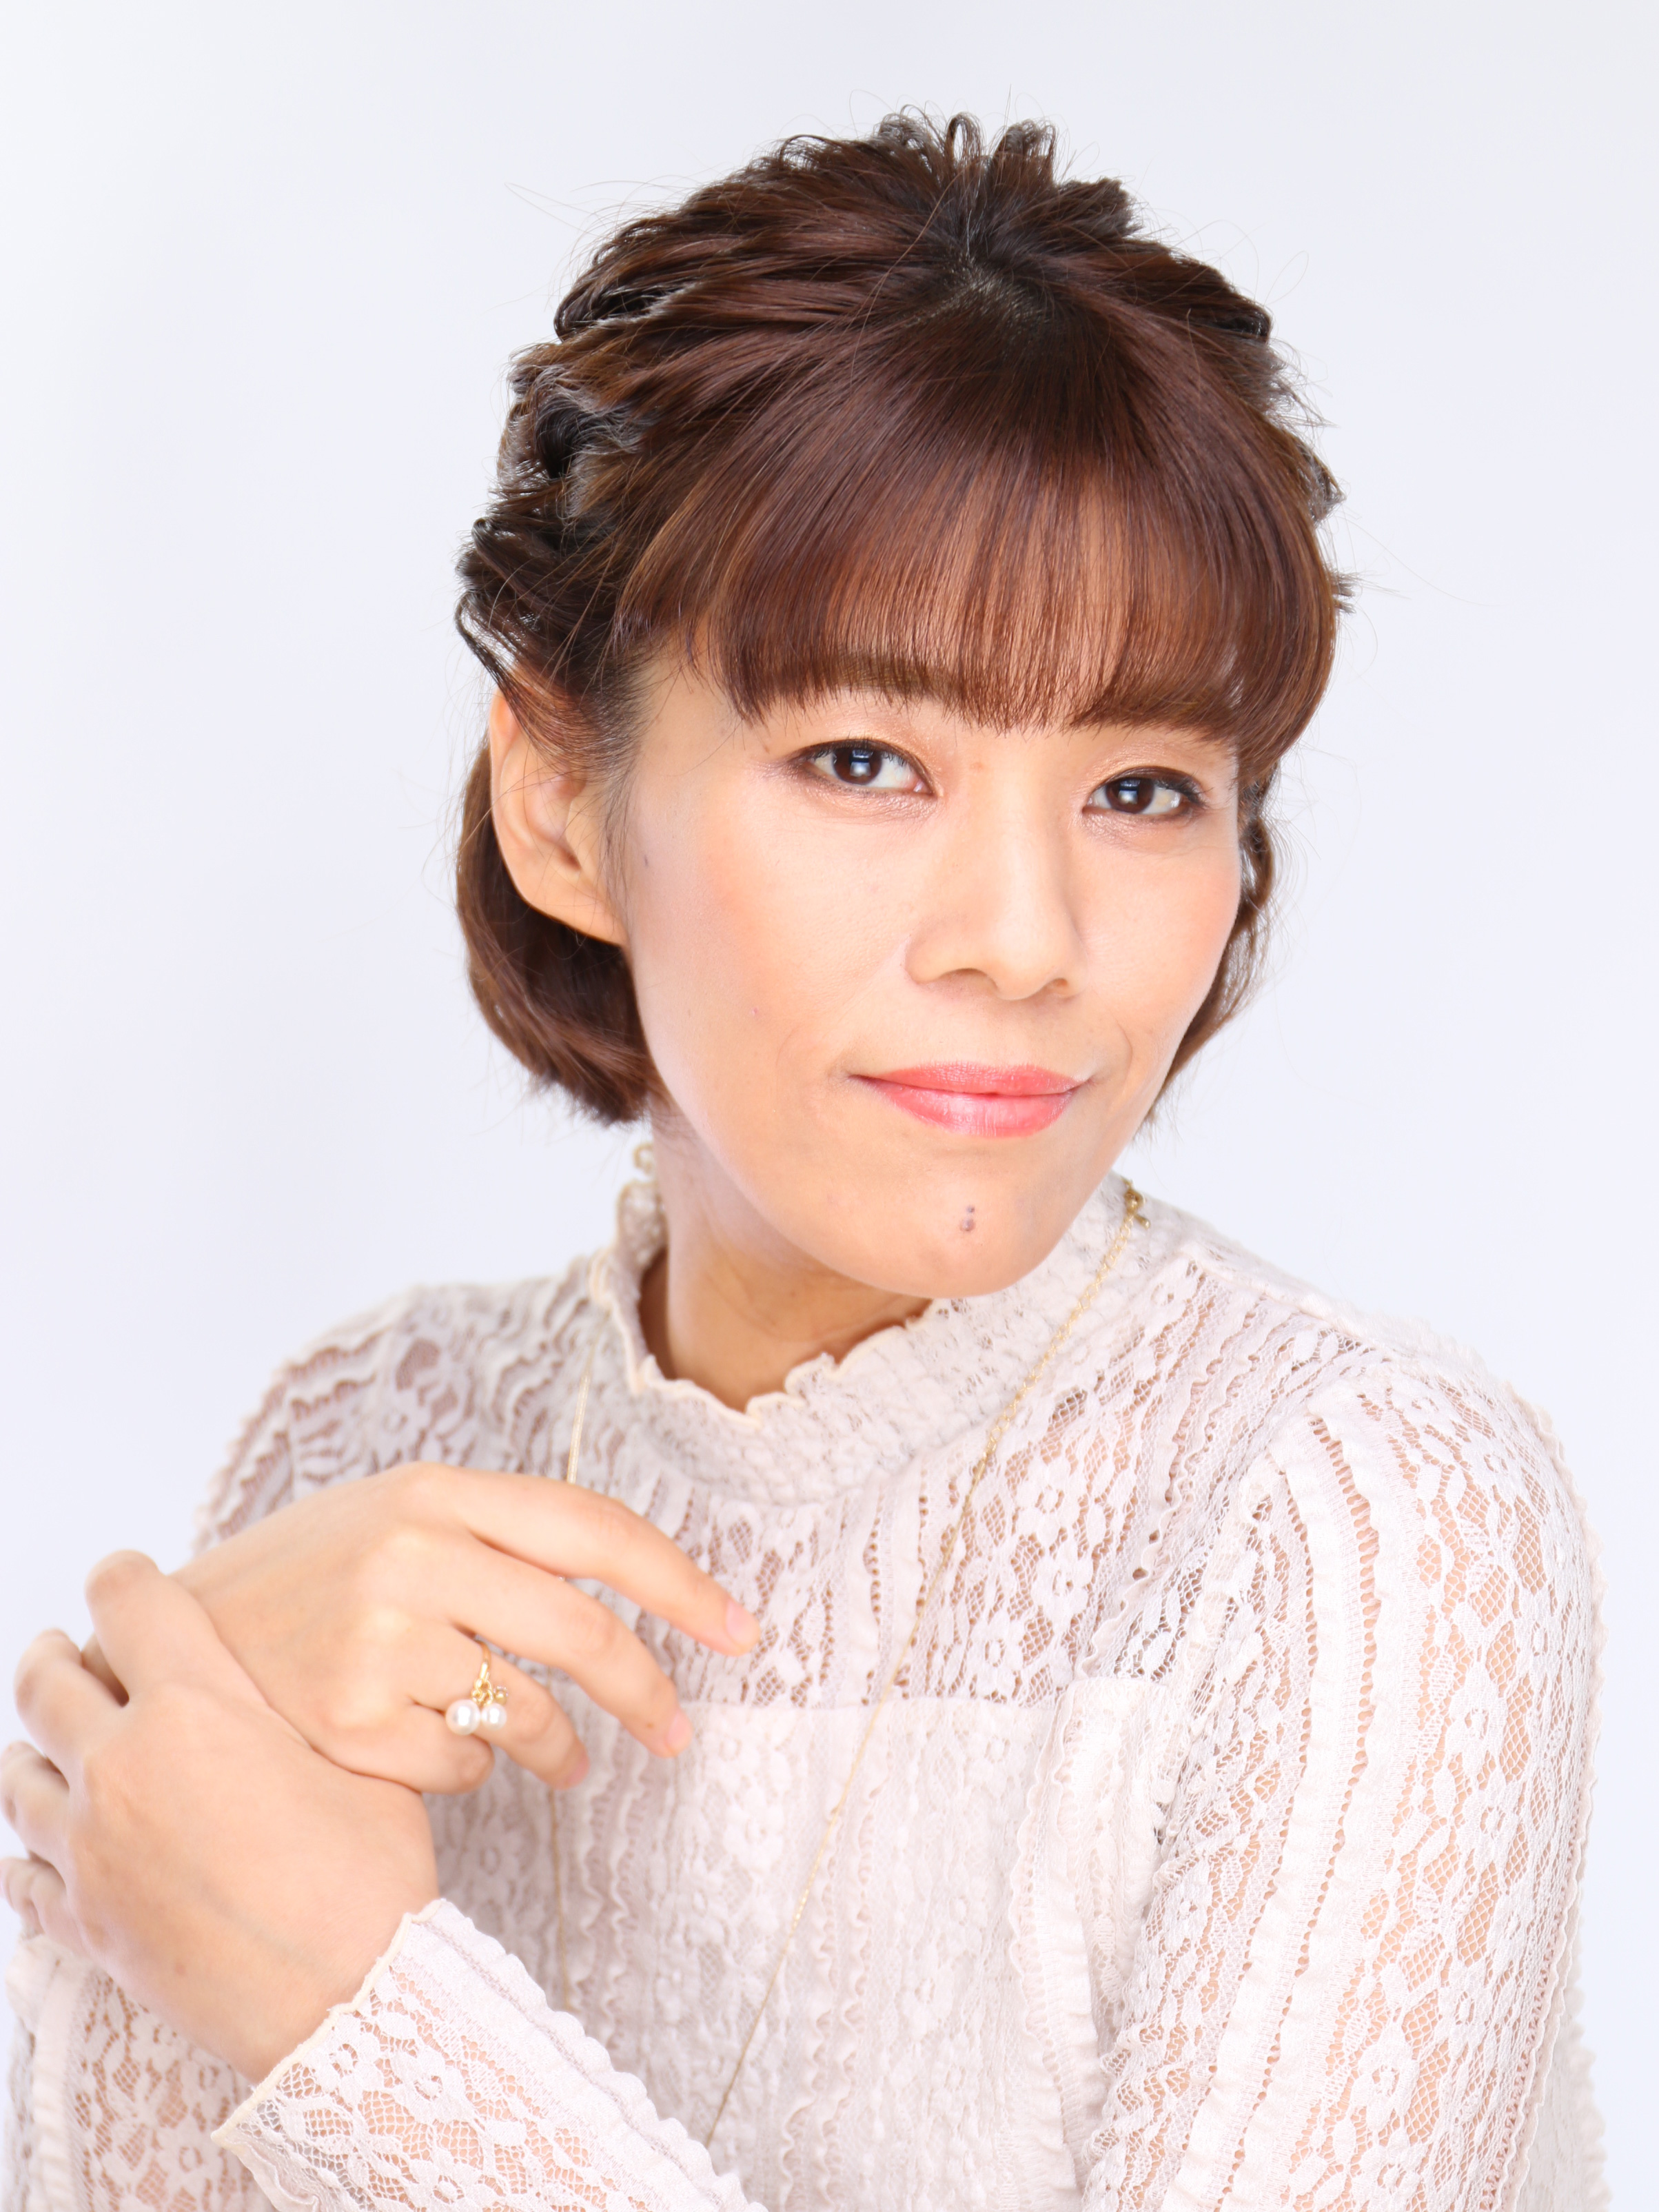 菅野 久美子(かんの くみこ)